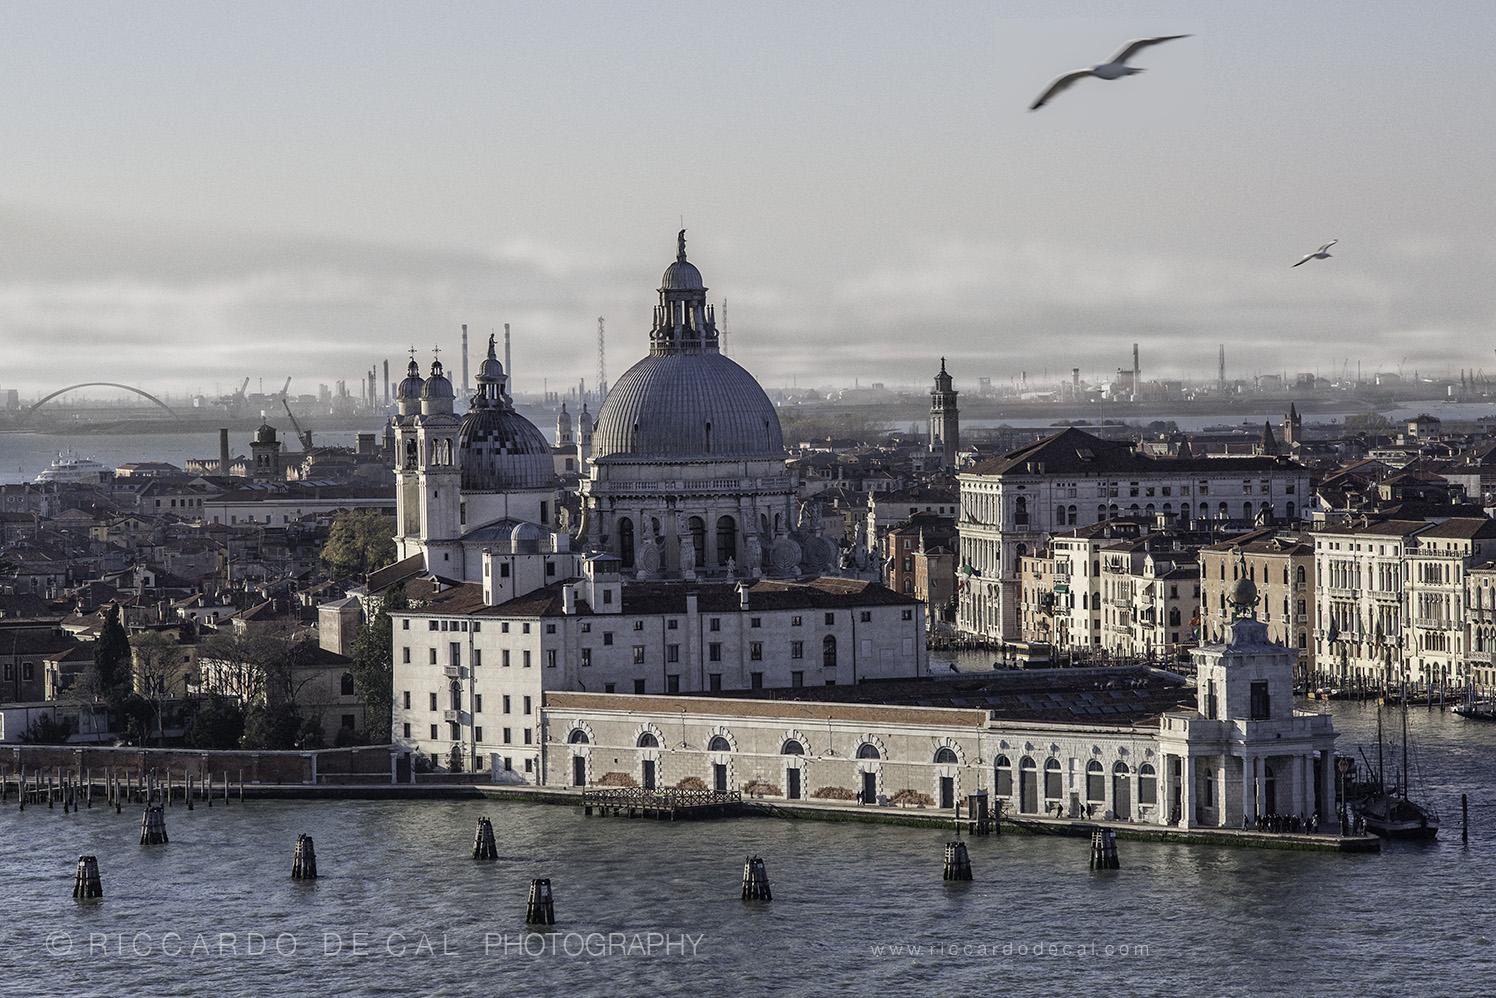 venice architecture, venice book, dream of venice, venezia, punta della dogana